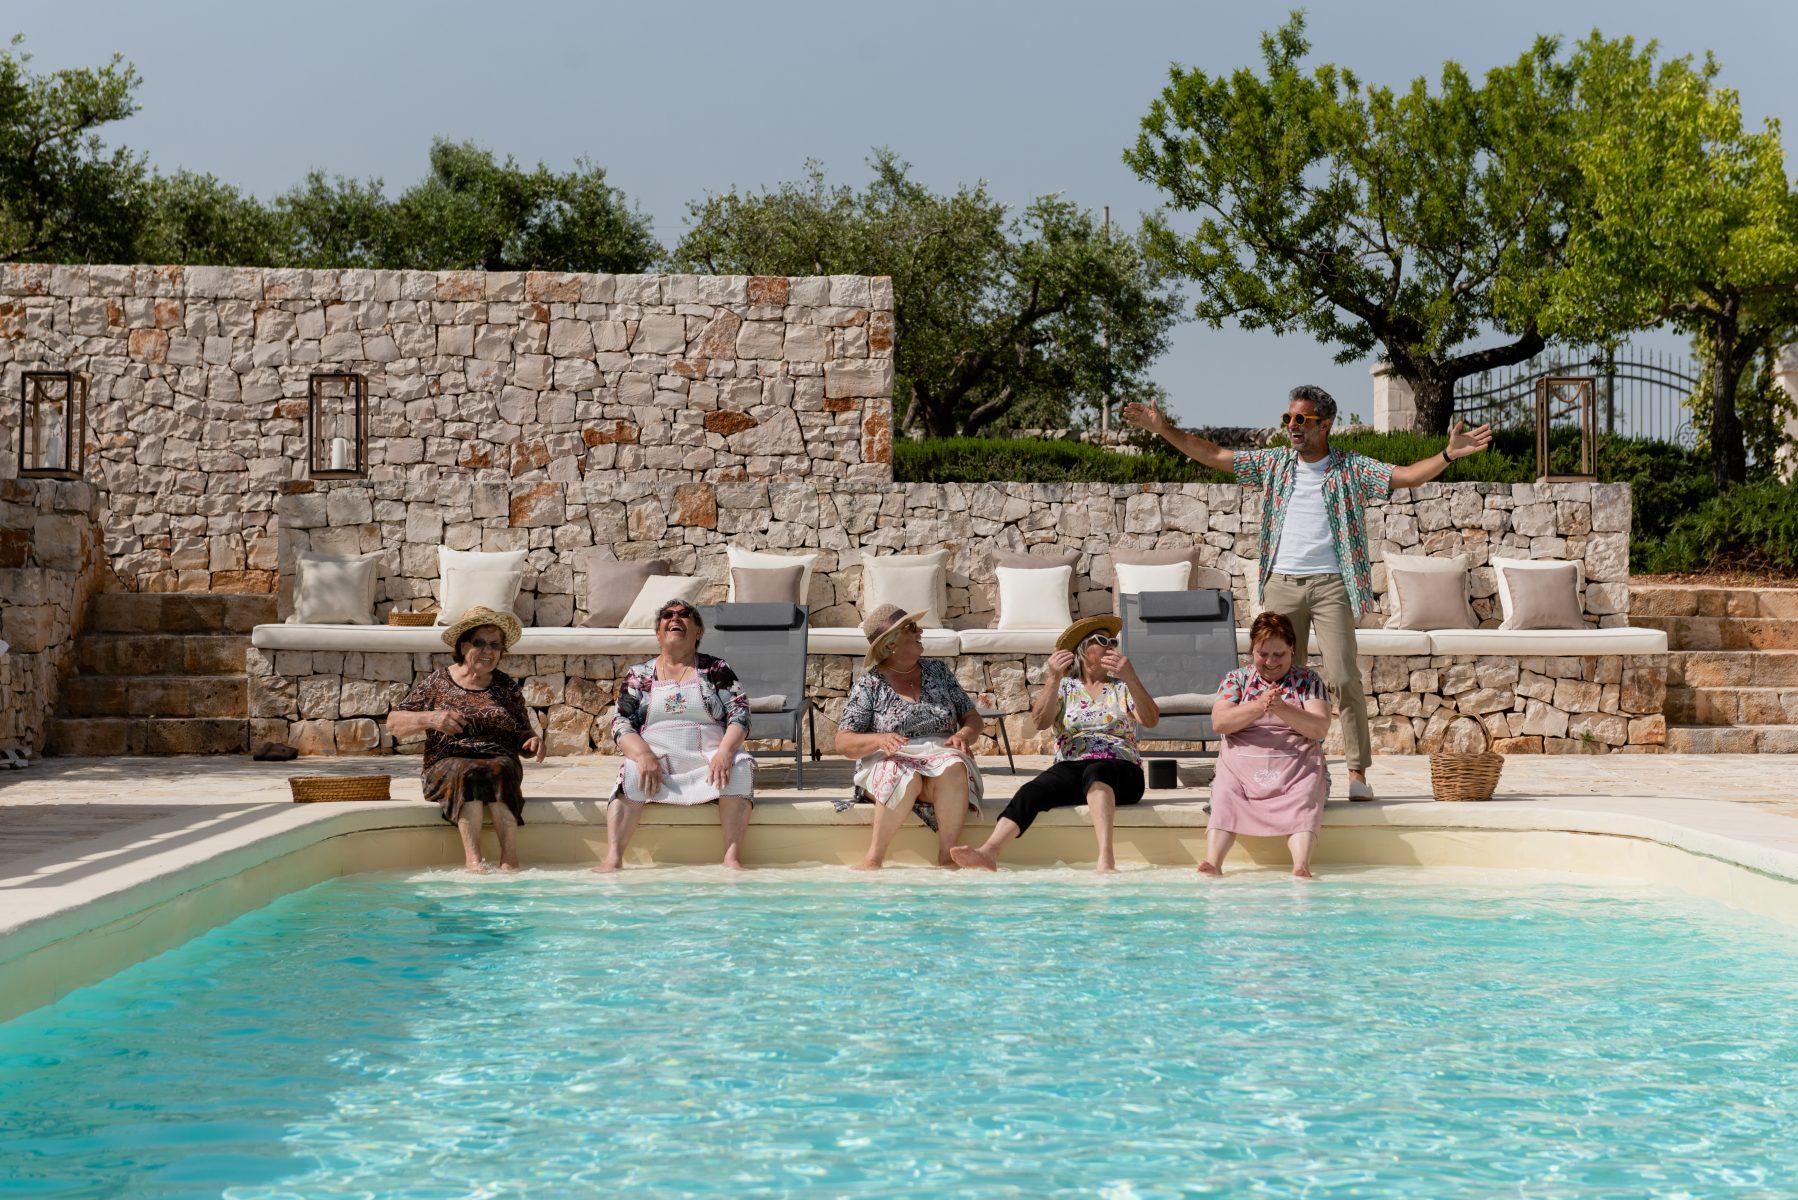 image 7 - outdoor - Dimora dei Gelsi Alberobello Puglia